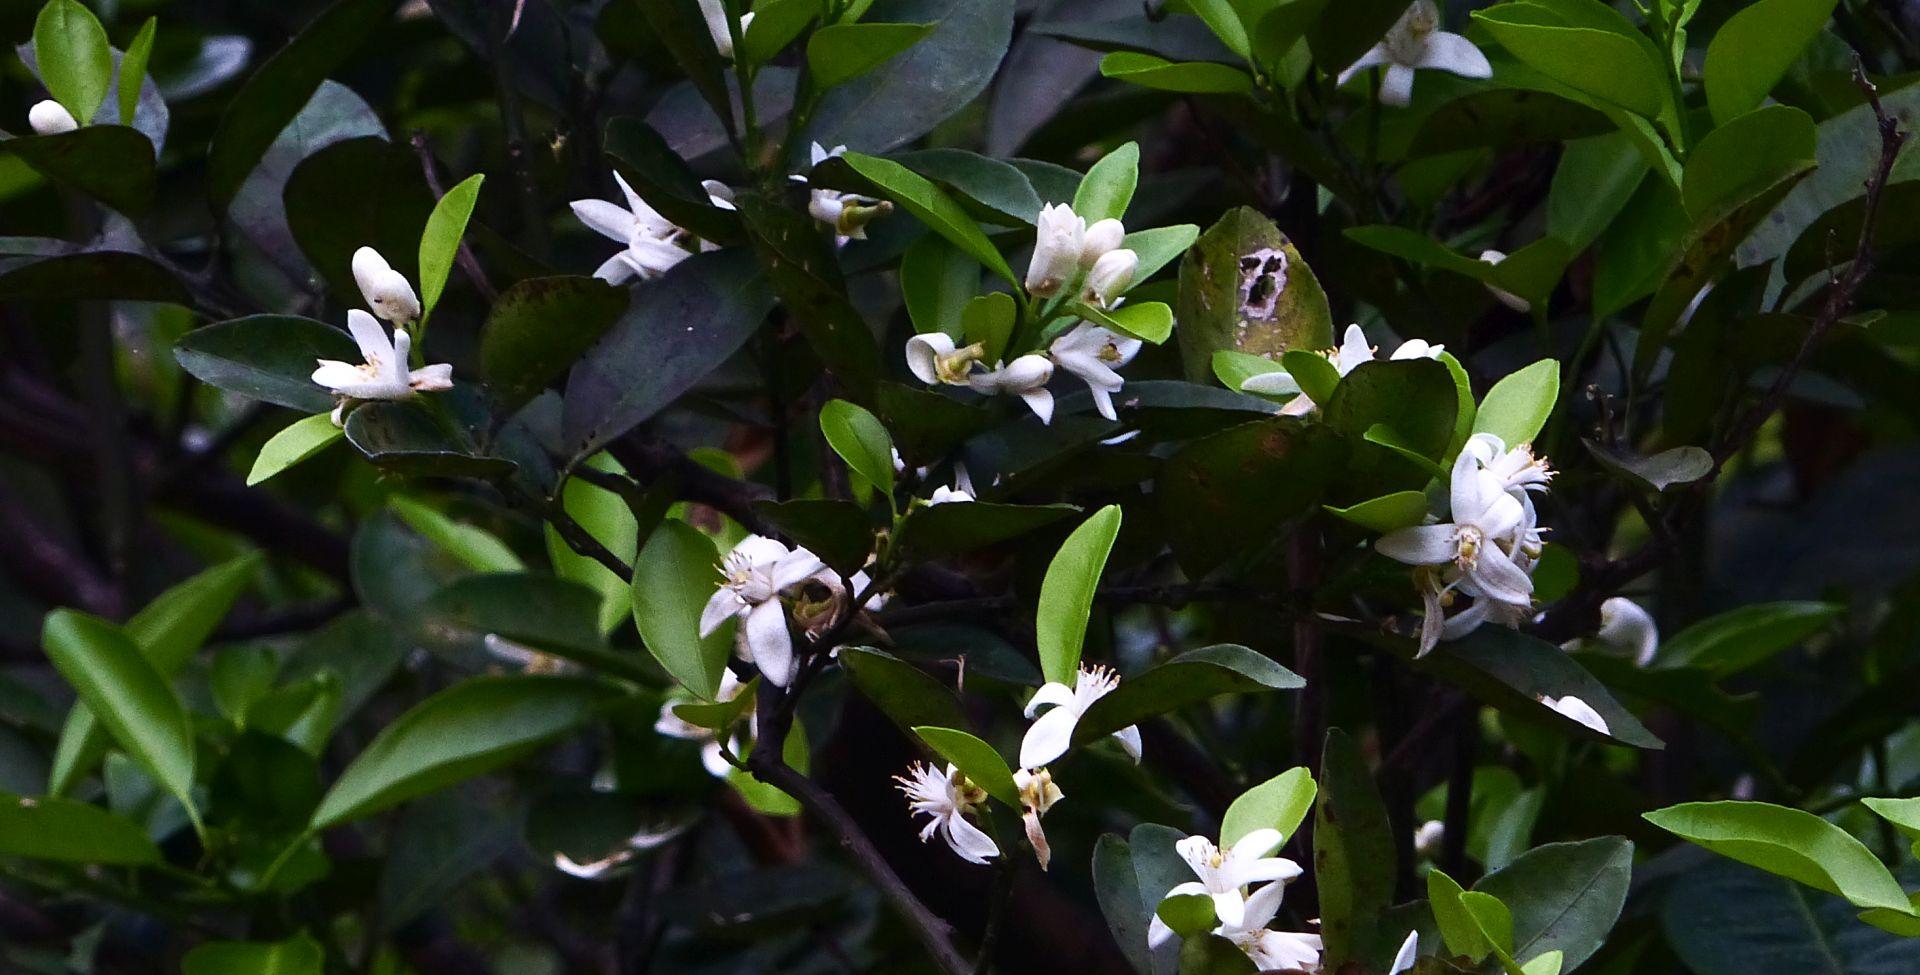 P1530119 citrus blossoms